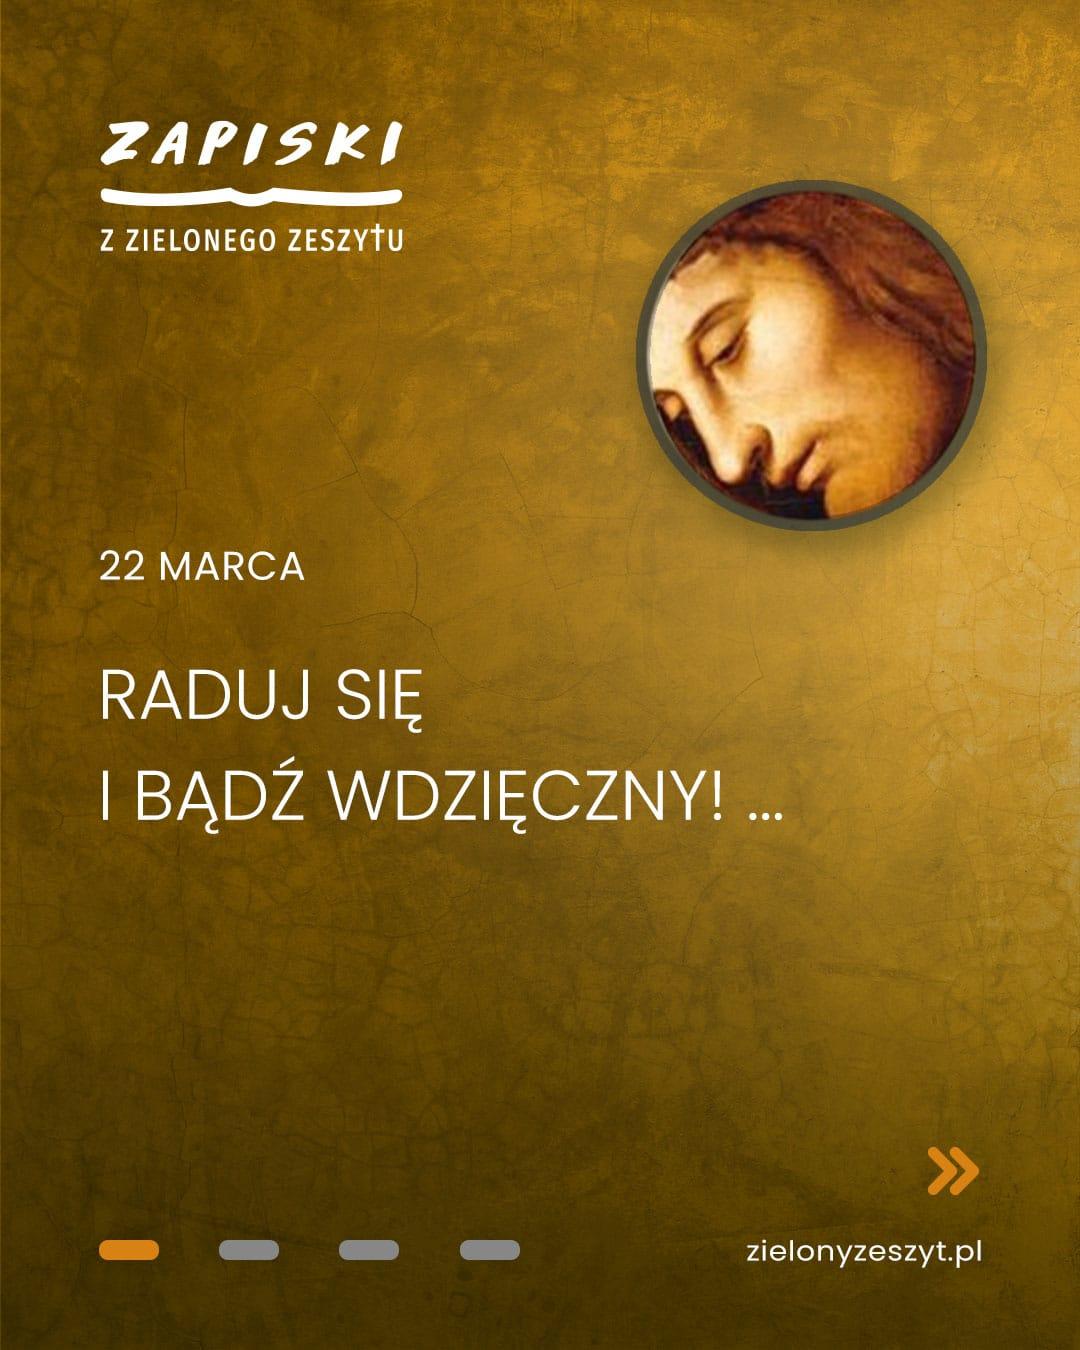 22 marca - Raduj się i bądź wdzięczny! - Jezus mówi do ciebie